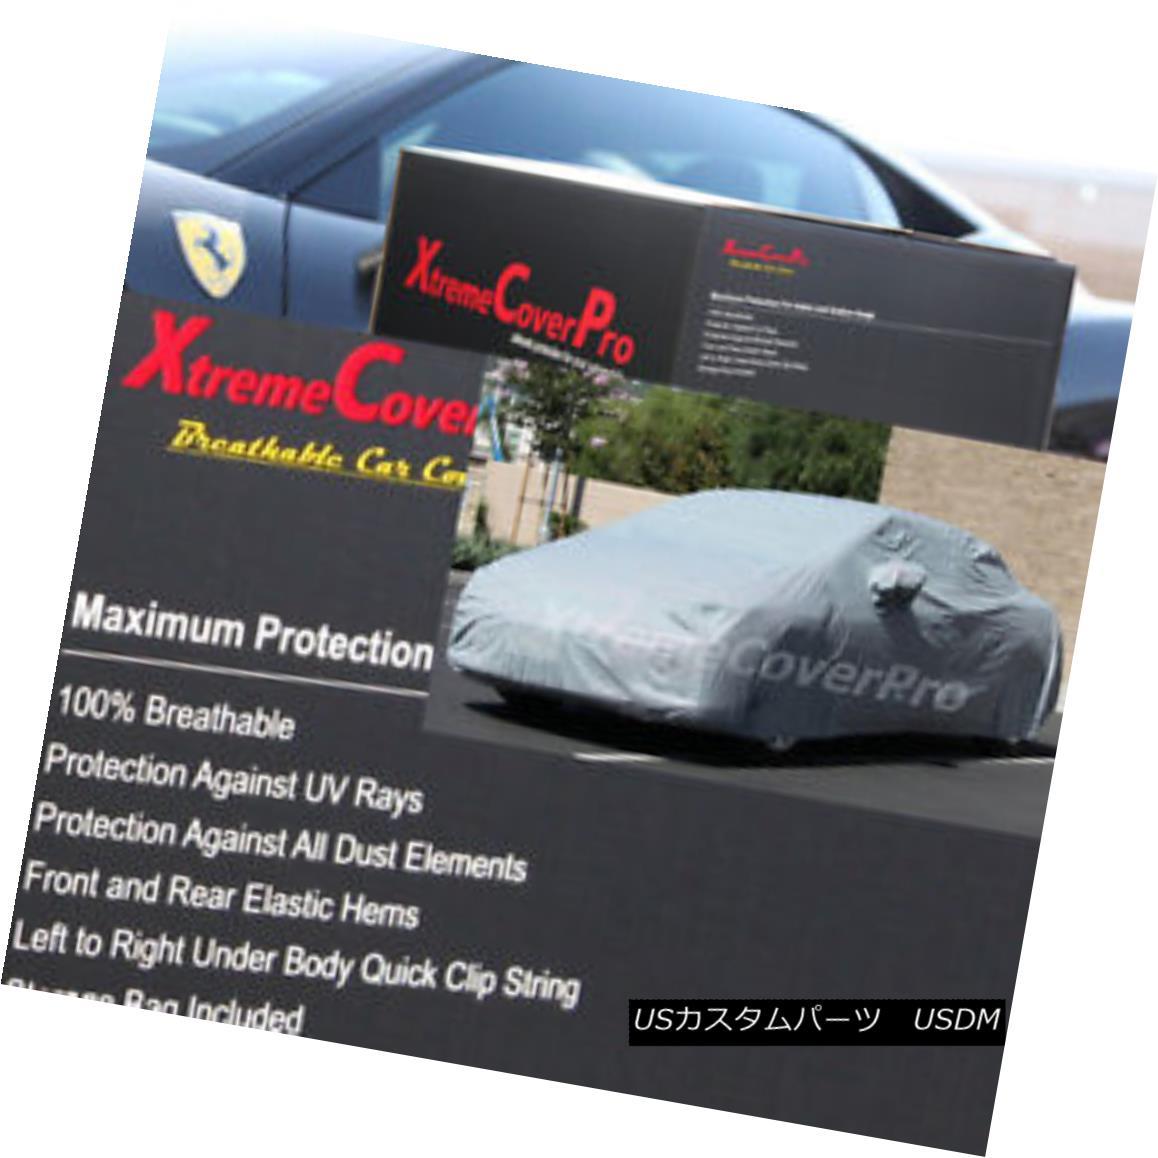 カーカバー 2009 2010 2011 2012 Mitsubishi Eclipse Coupe Breathable Car Cover w/MirrorPocket 2009年2009年2011年2012三菱エクリプスクーペ通気性車カバー付きMirrorPocket